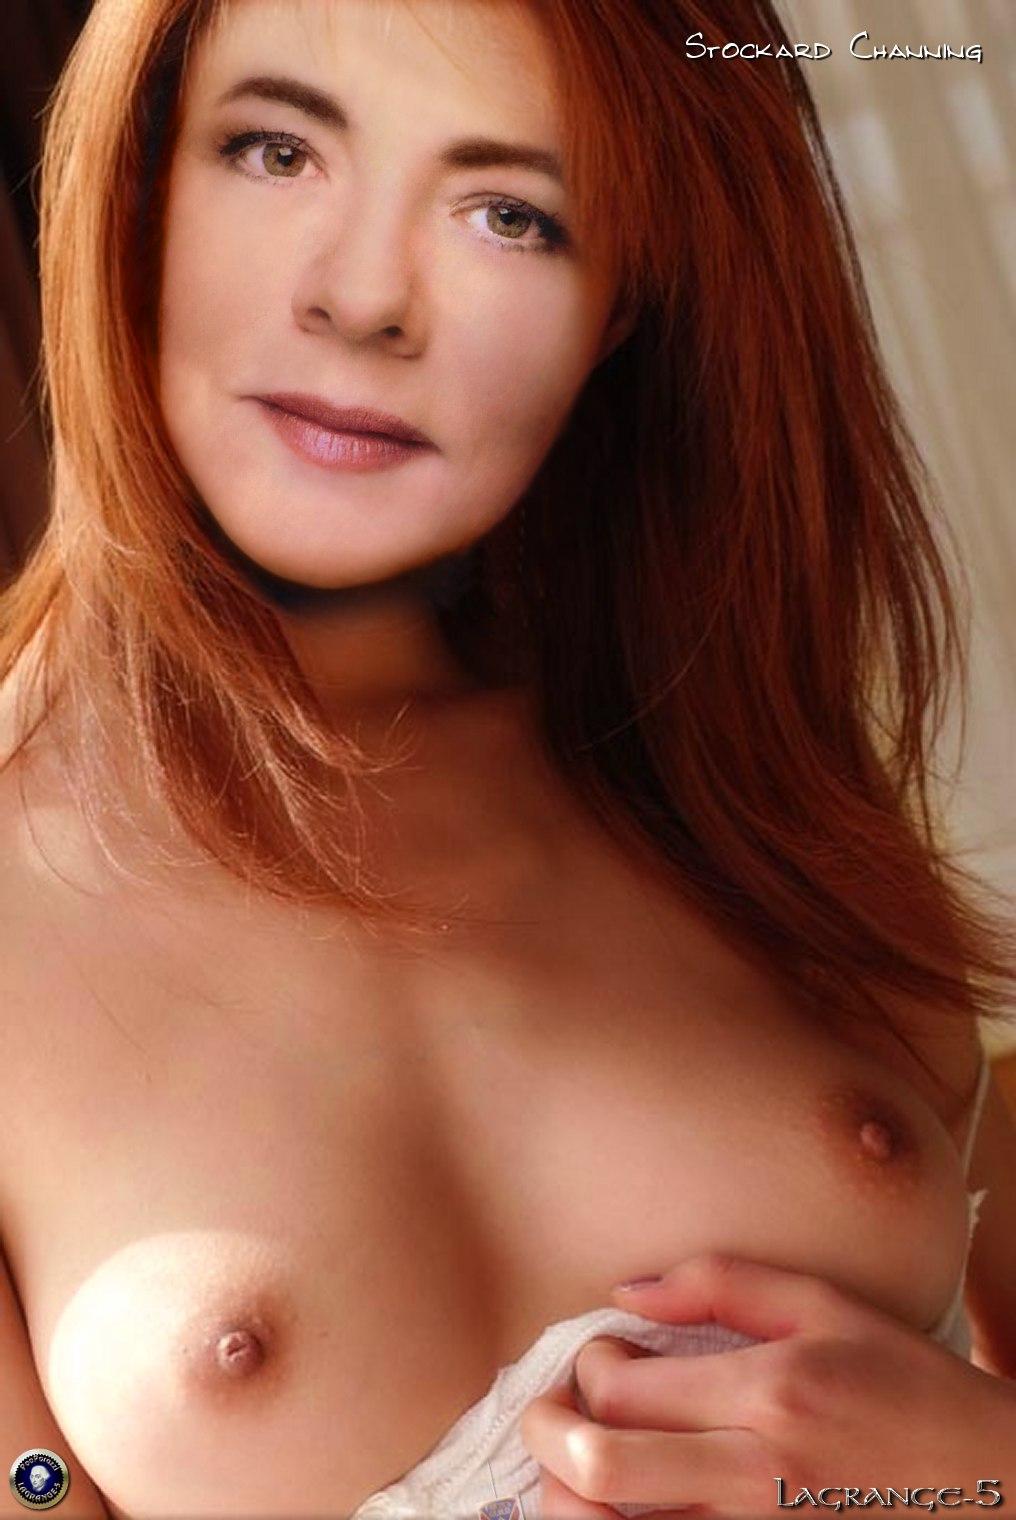 Www.gilliananderson-nude.com